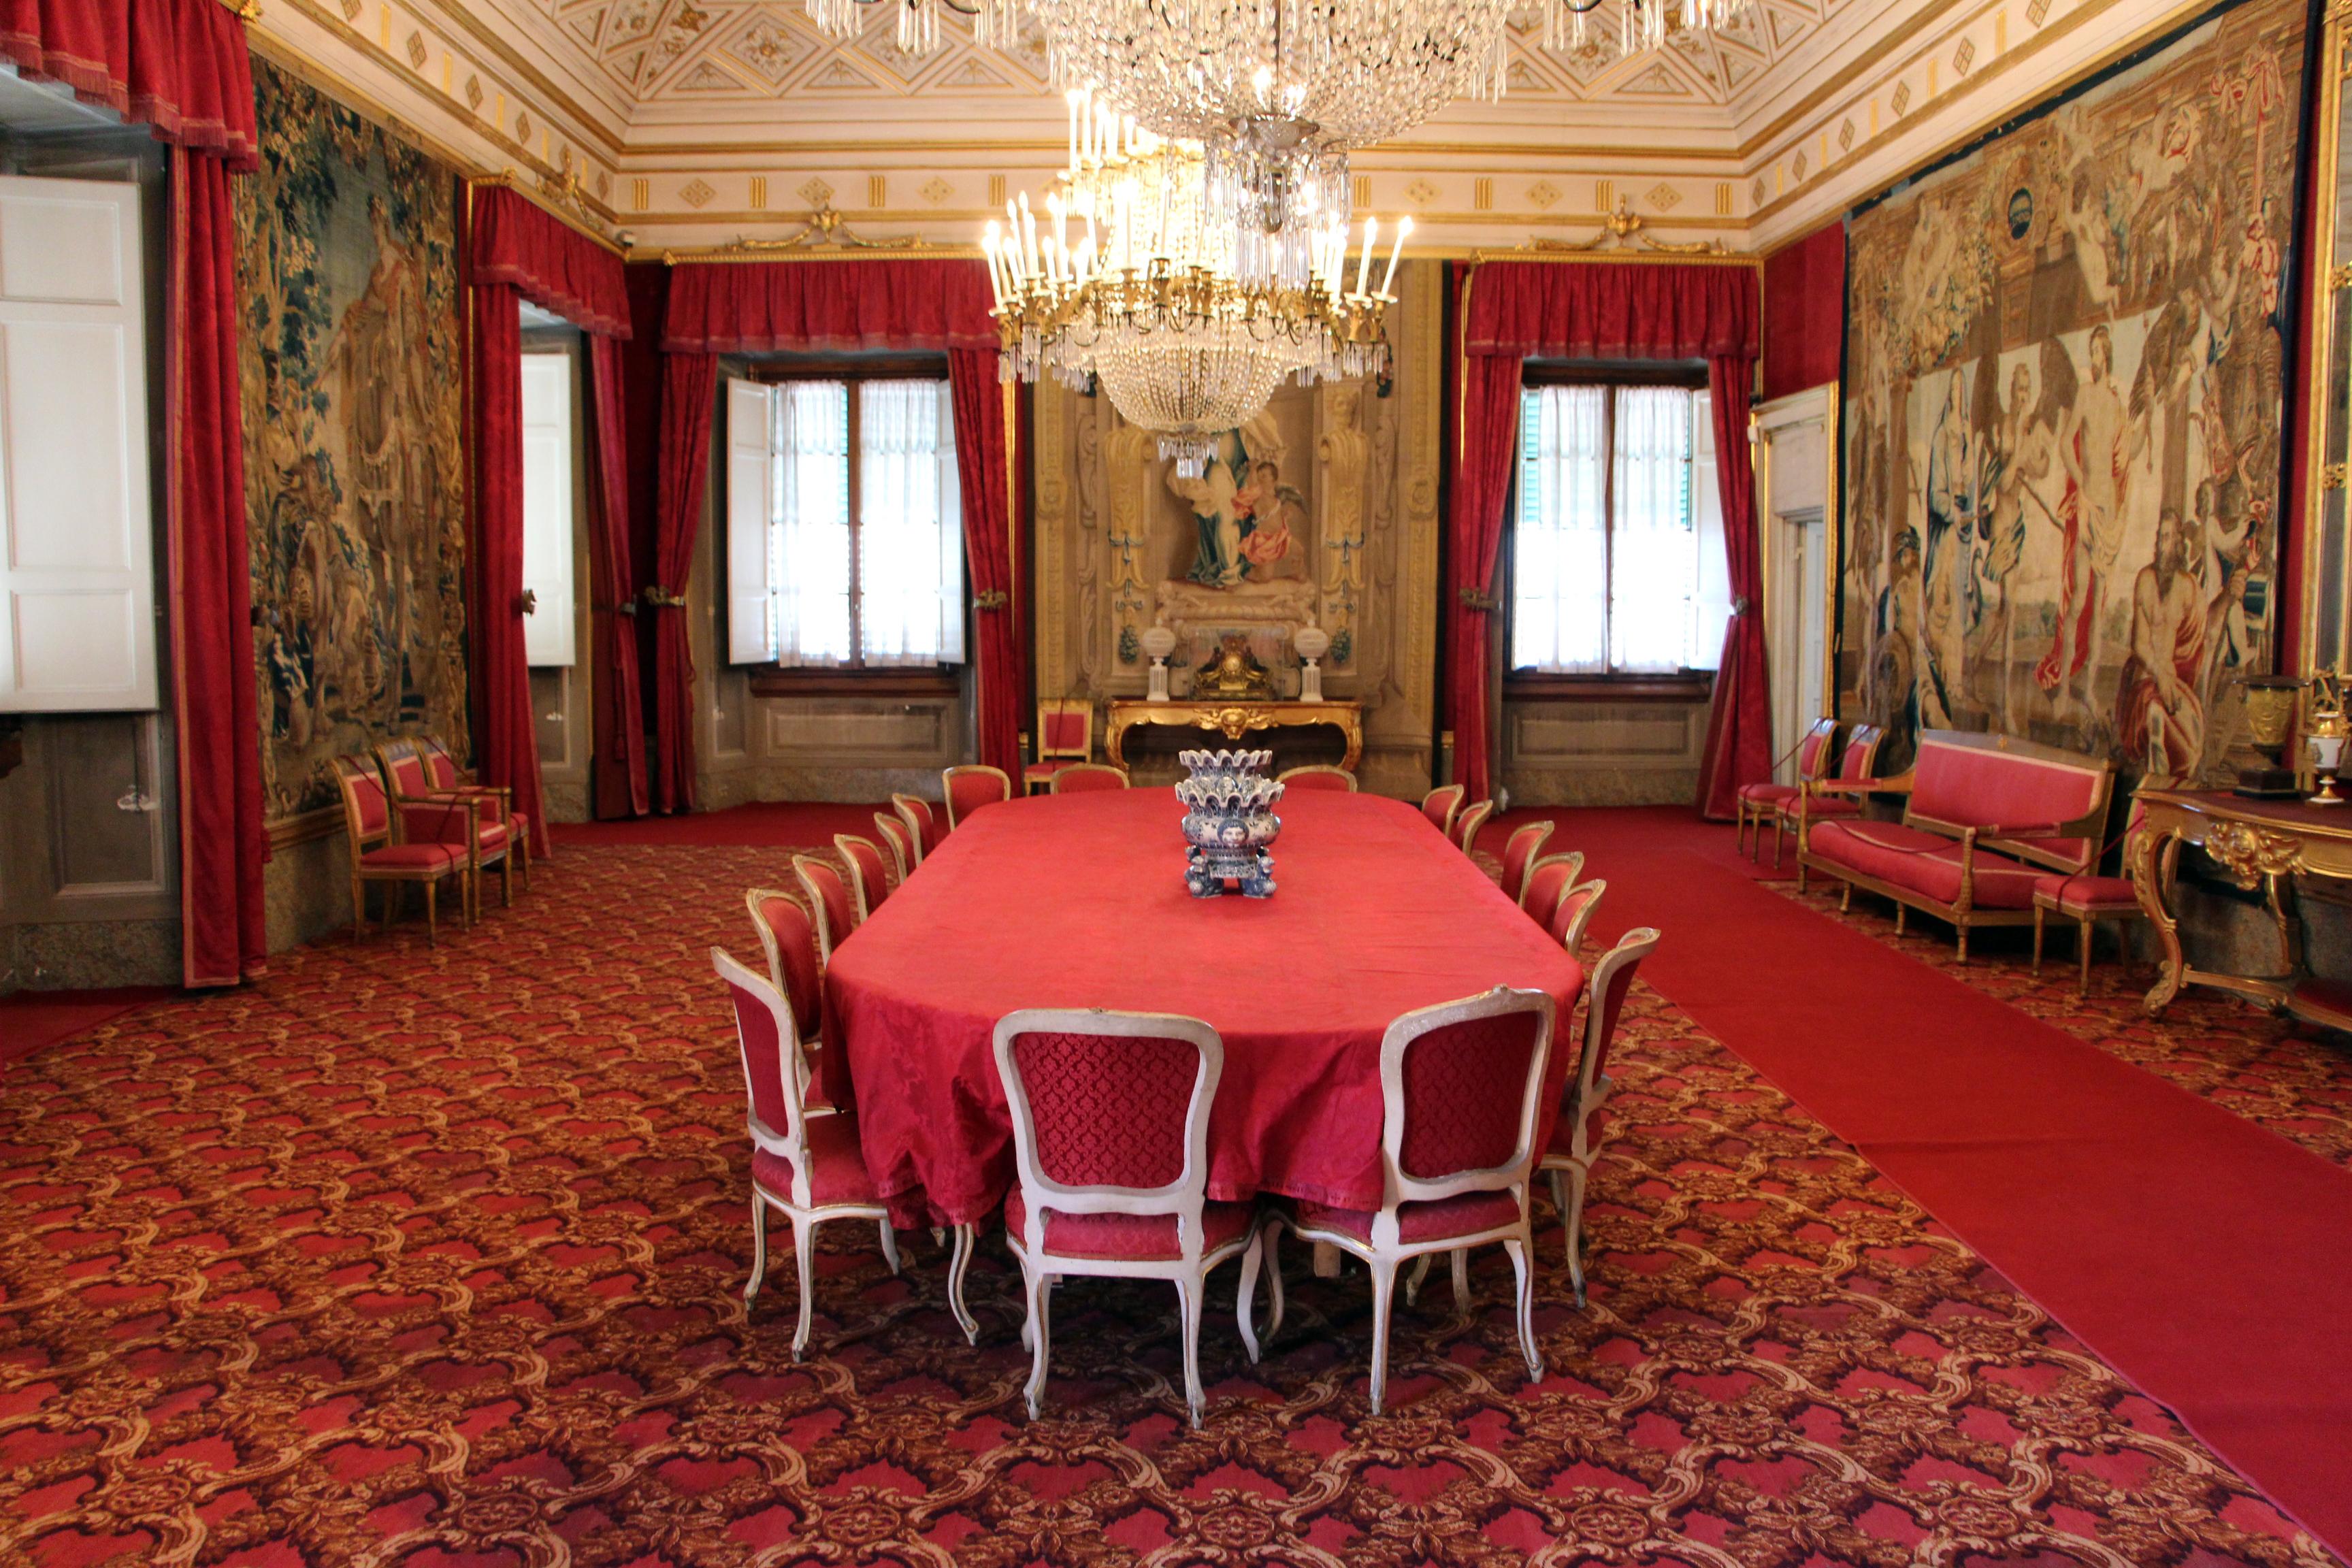 File:La Petraia Sala Da Pranzo O Sala Rossa View 01.JPG Wikimedia  #7E2B20 3456 2304 Sala Da Pranzo Nell'antica Roma